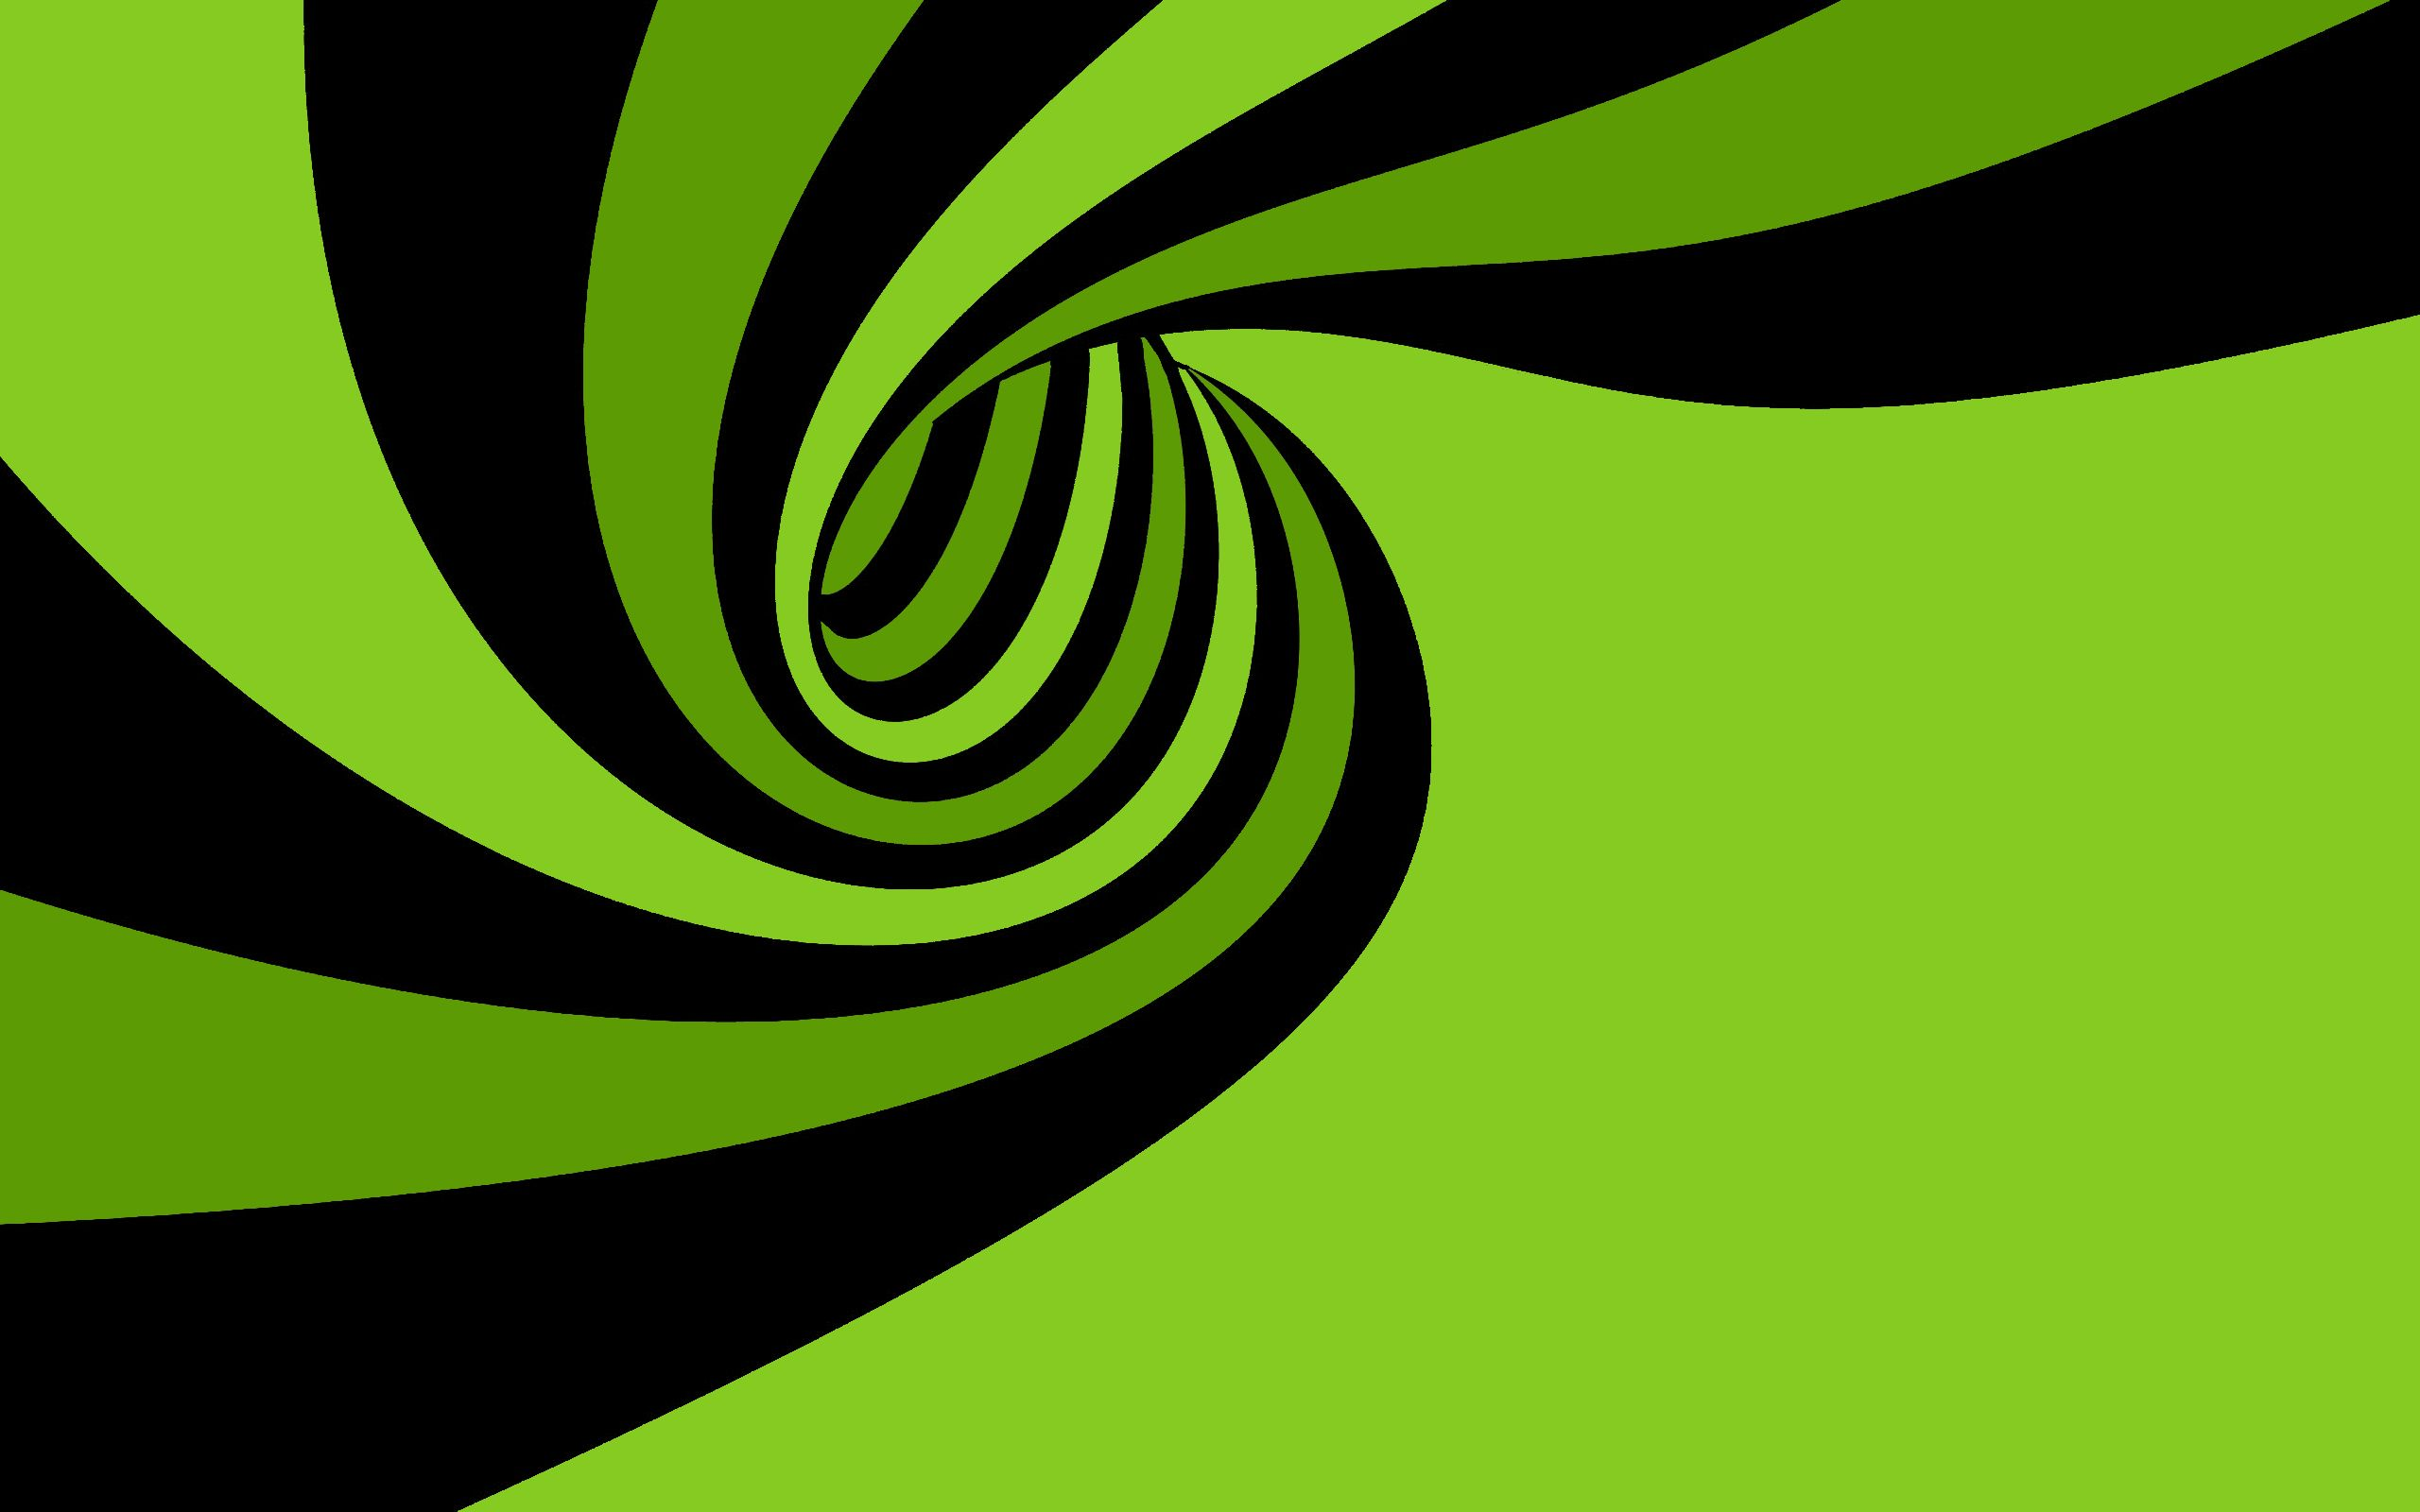 Green Spiral Wallpaper Green wallpaper, Blue green art